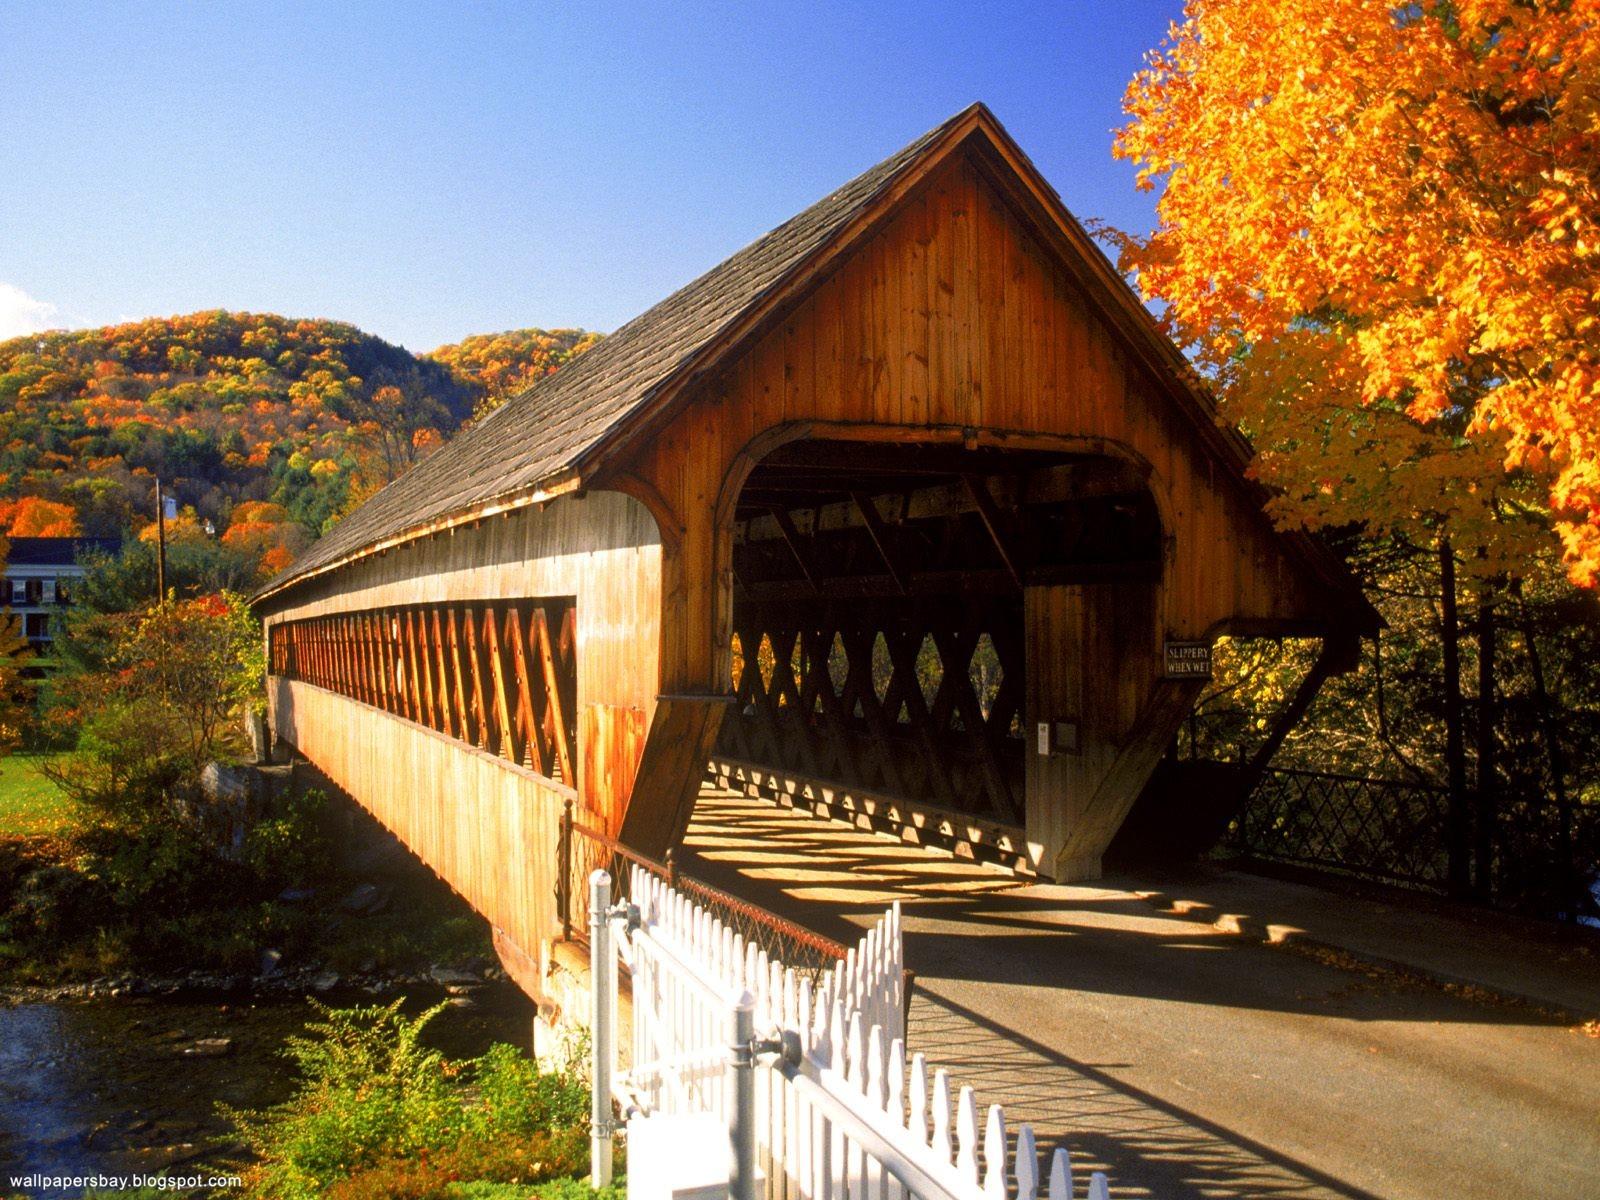 http://4.bp.blogspot.com/-mbCEl60-Pv8/Tsaf7D8NNlI/AAAAAAAACuo/W4g4tezTdXs/s1600/Autumn_Wallpapers_20.jpg